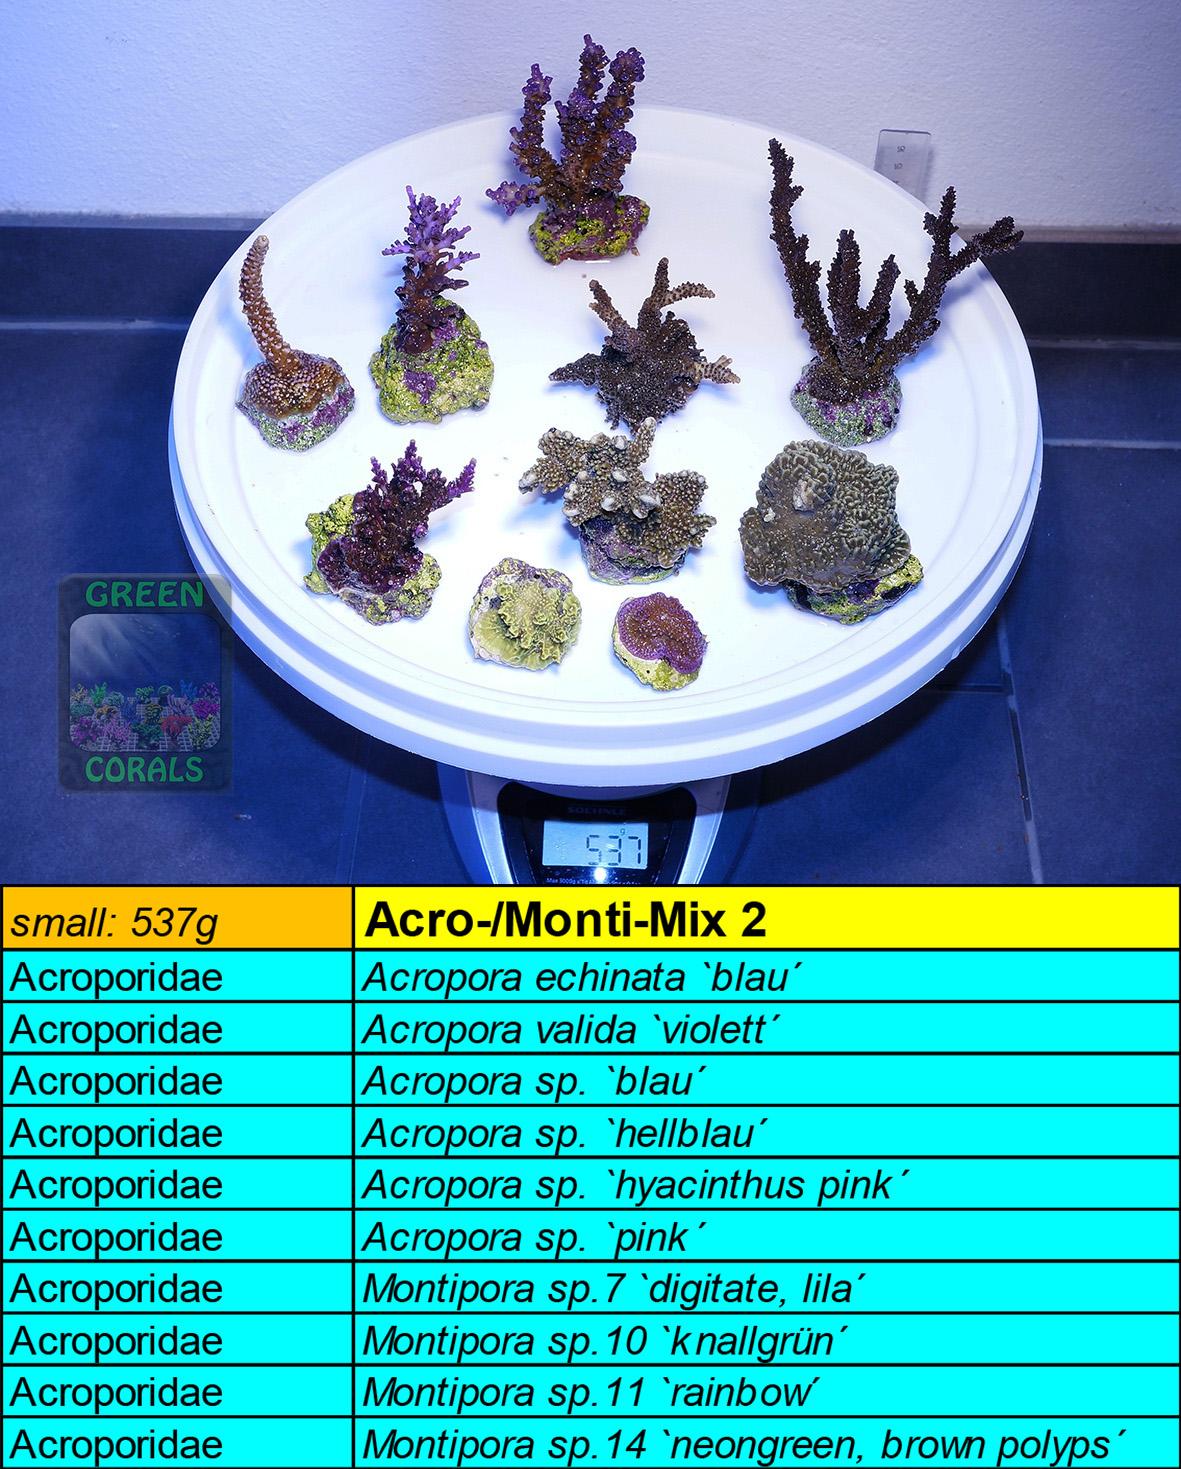 11 Acro-Monti Mix 2 s 537g